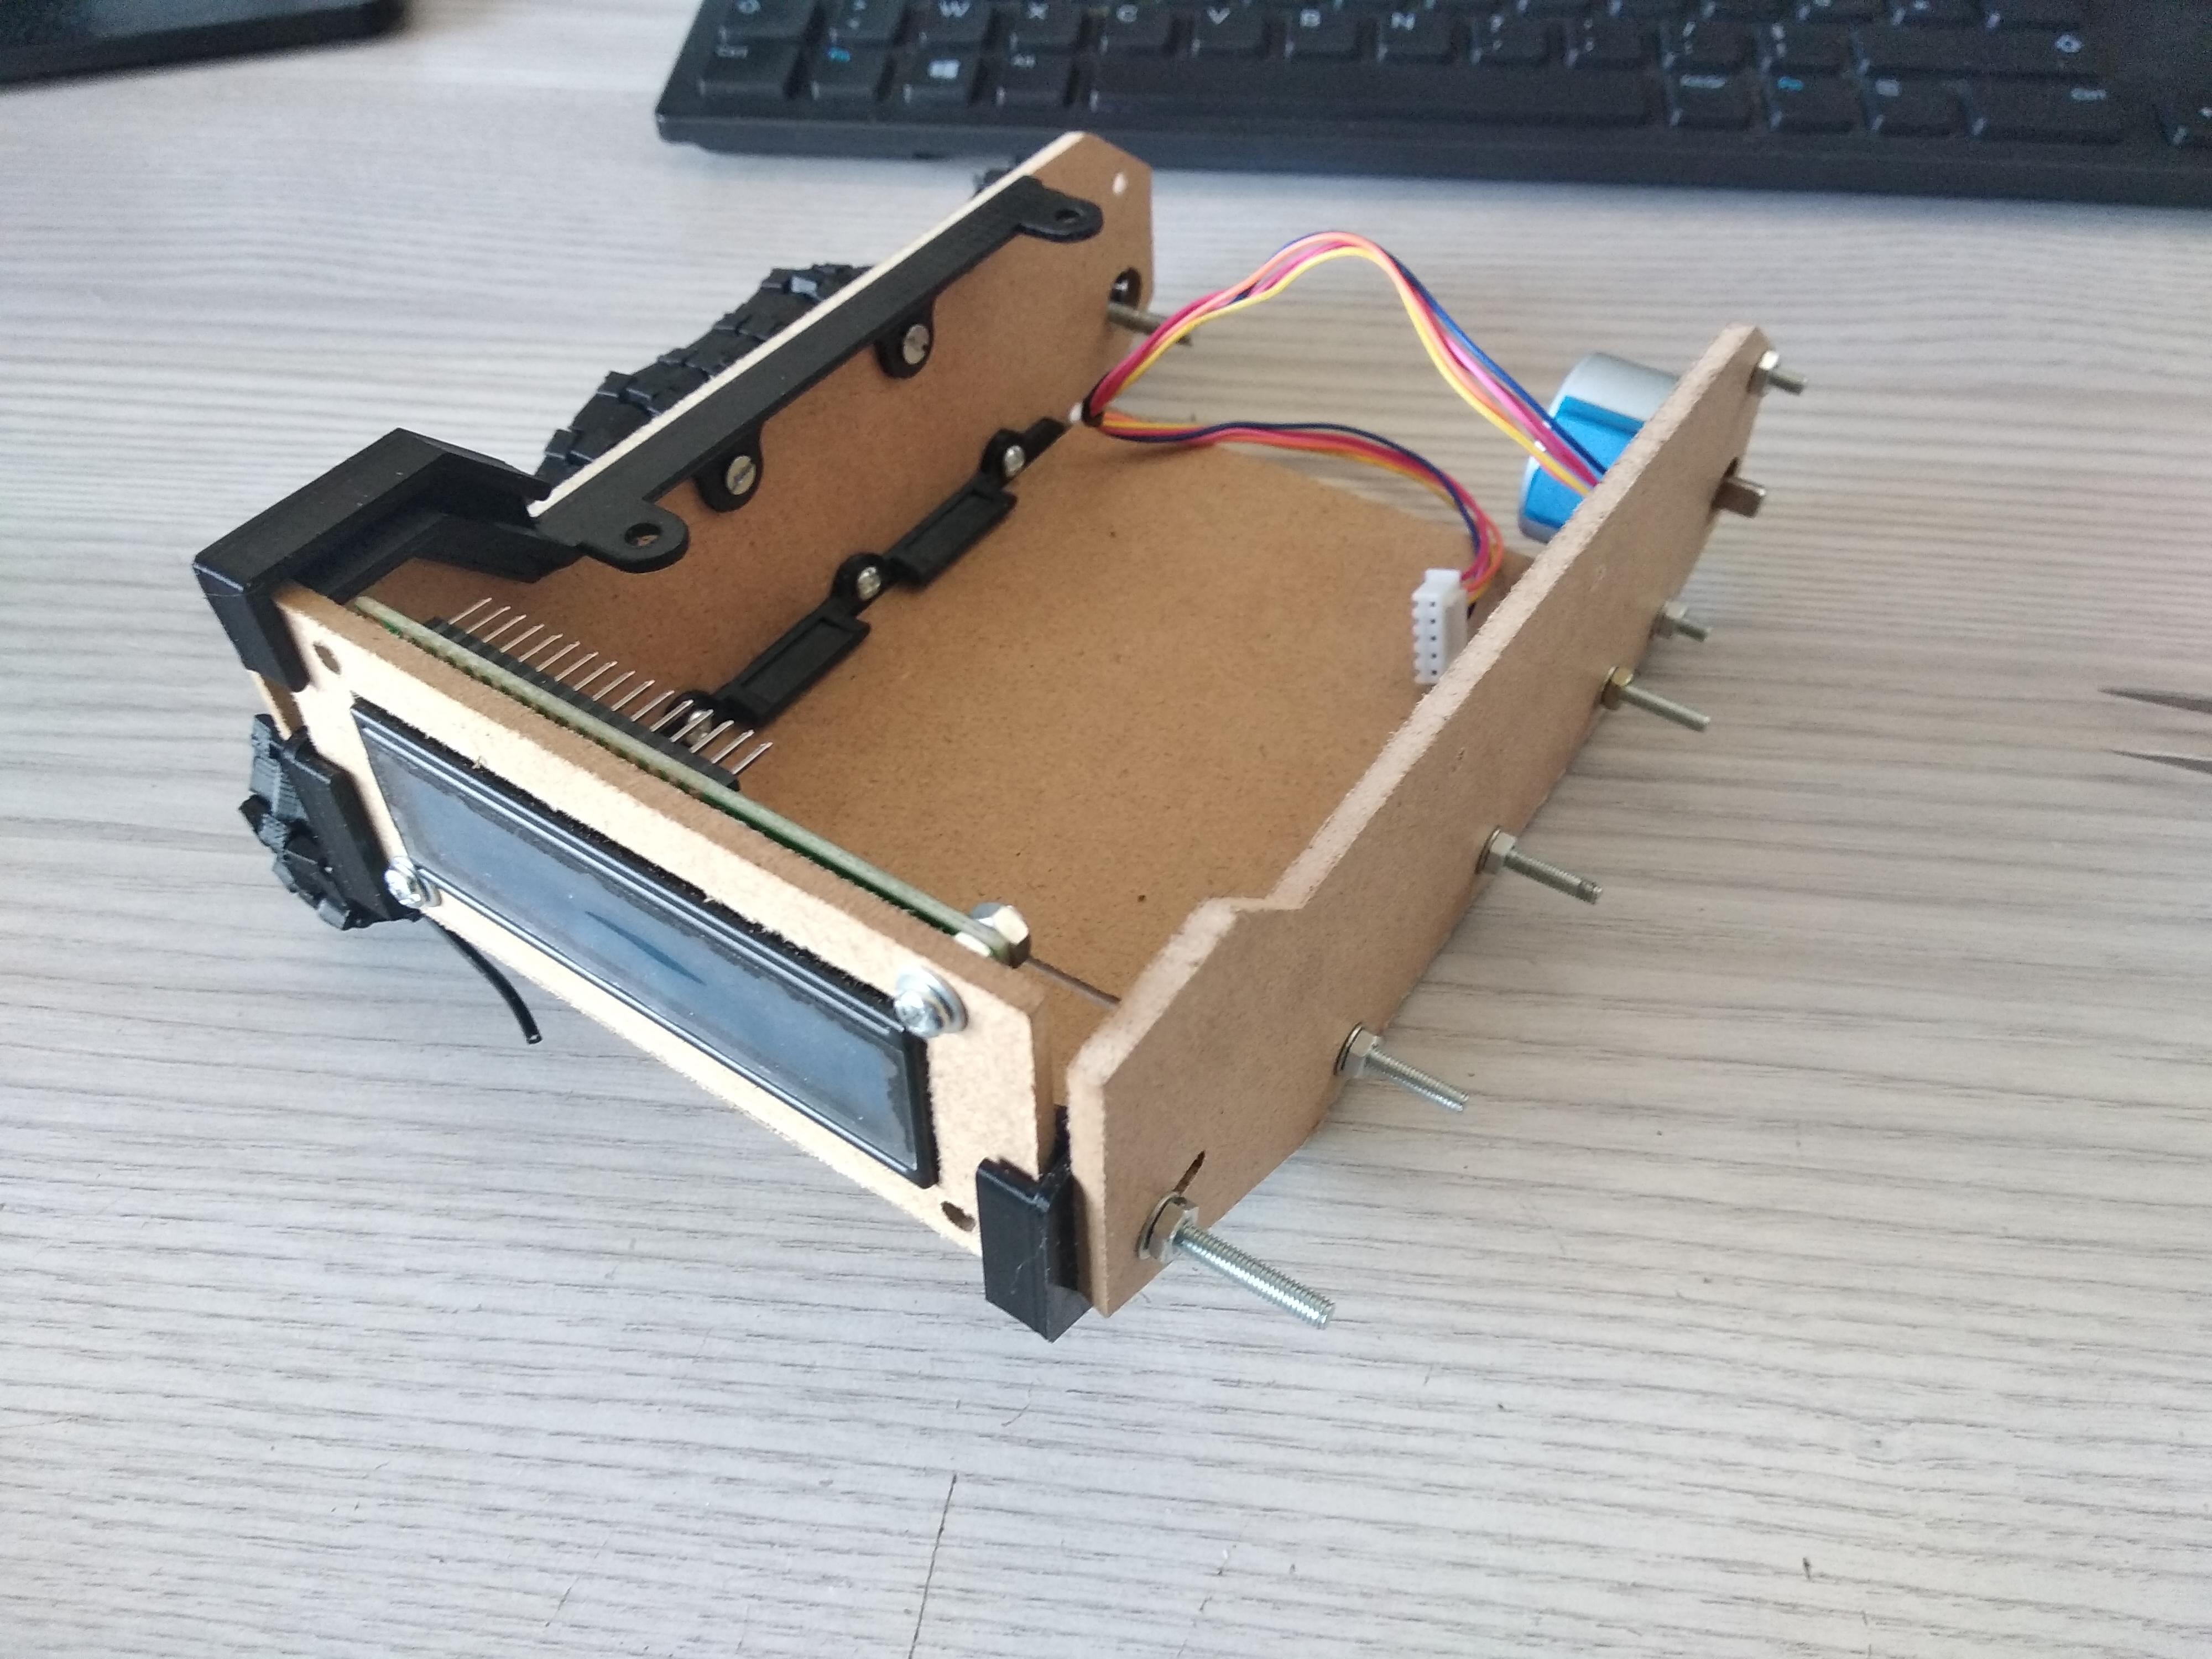 Pièce 3D qui maintiendra les trois planches du dessus fixé au char, tank de derrière